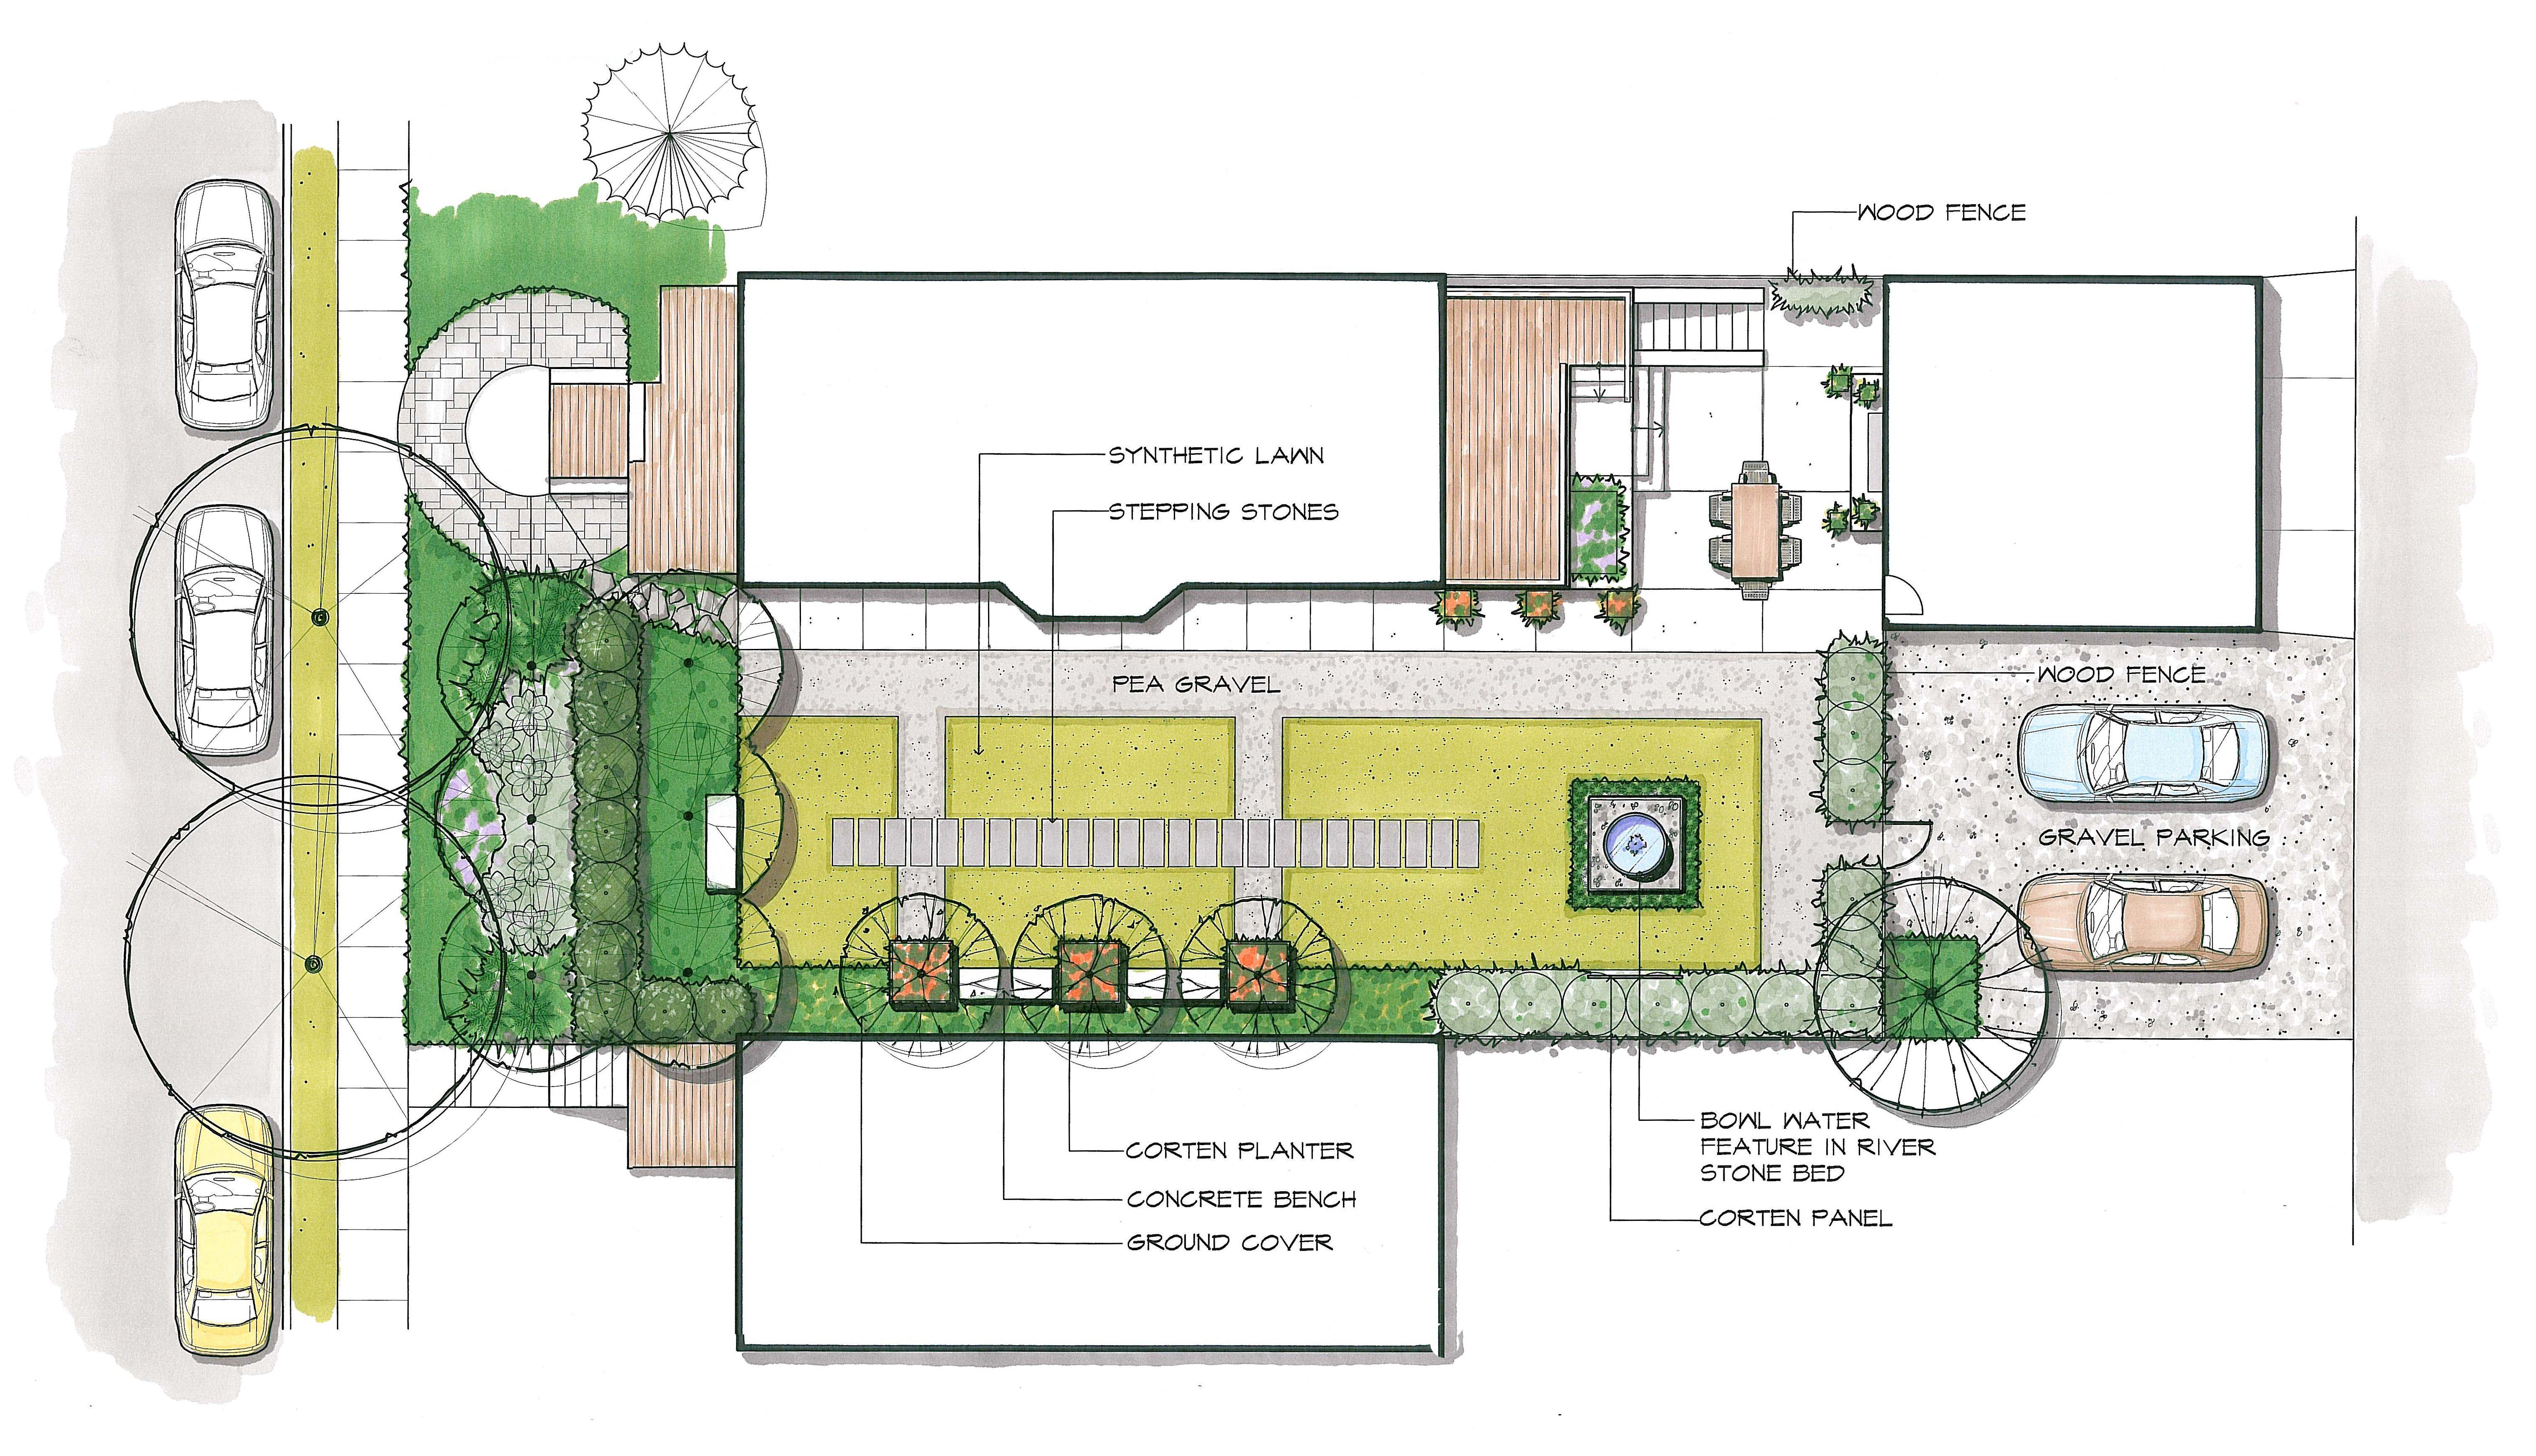 Our Outdoor Living And Landscape Portfolio Eichenlaub Inc Landscape Architecture Design Meditation Garden Building Plans House